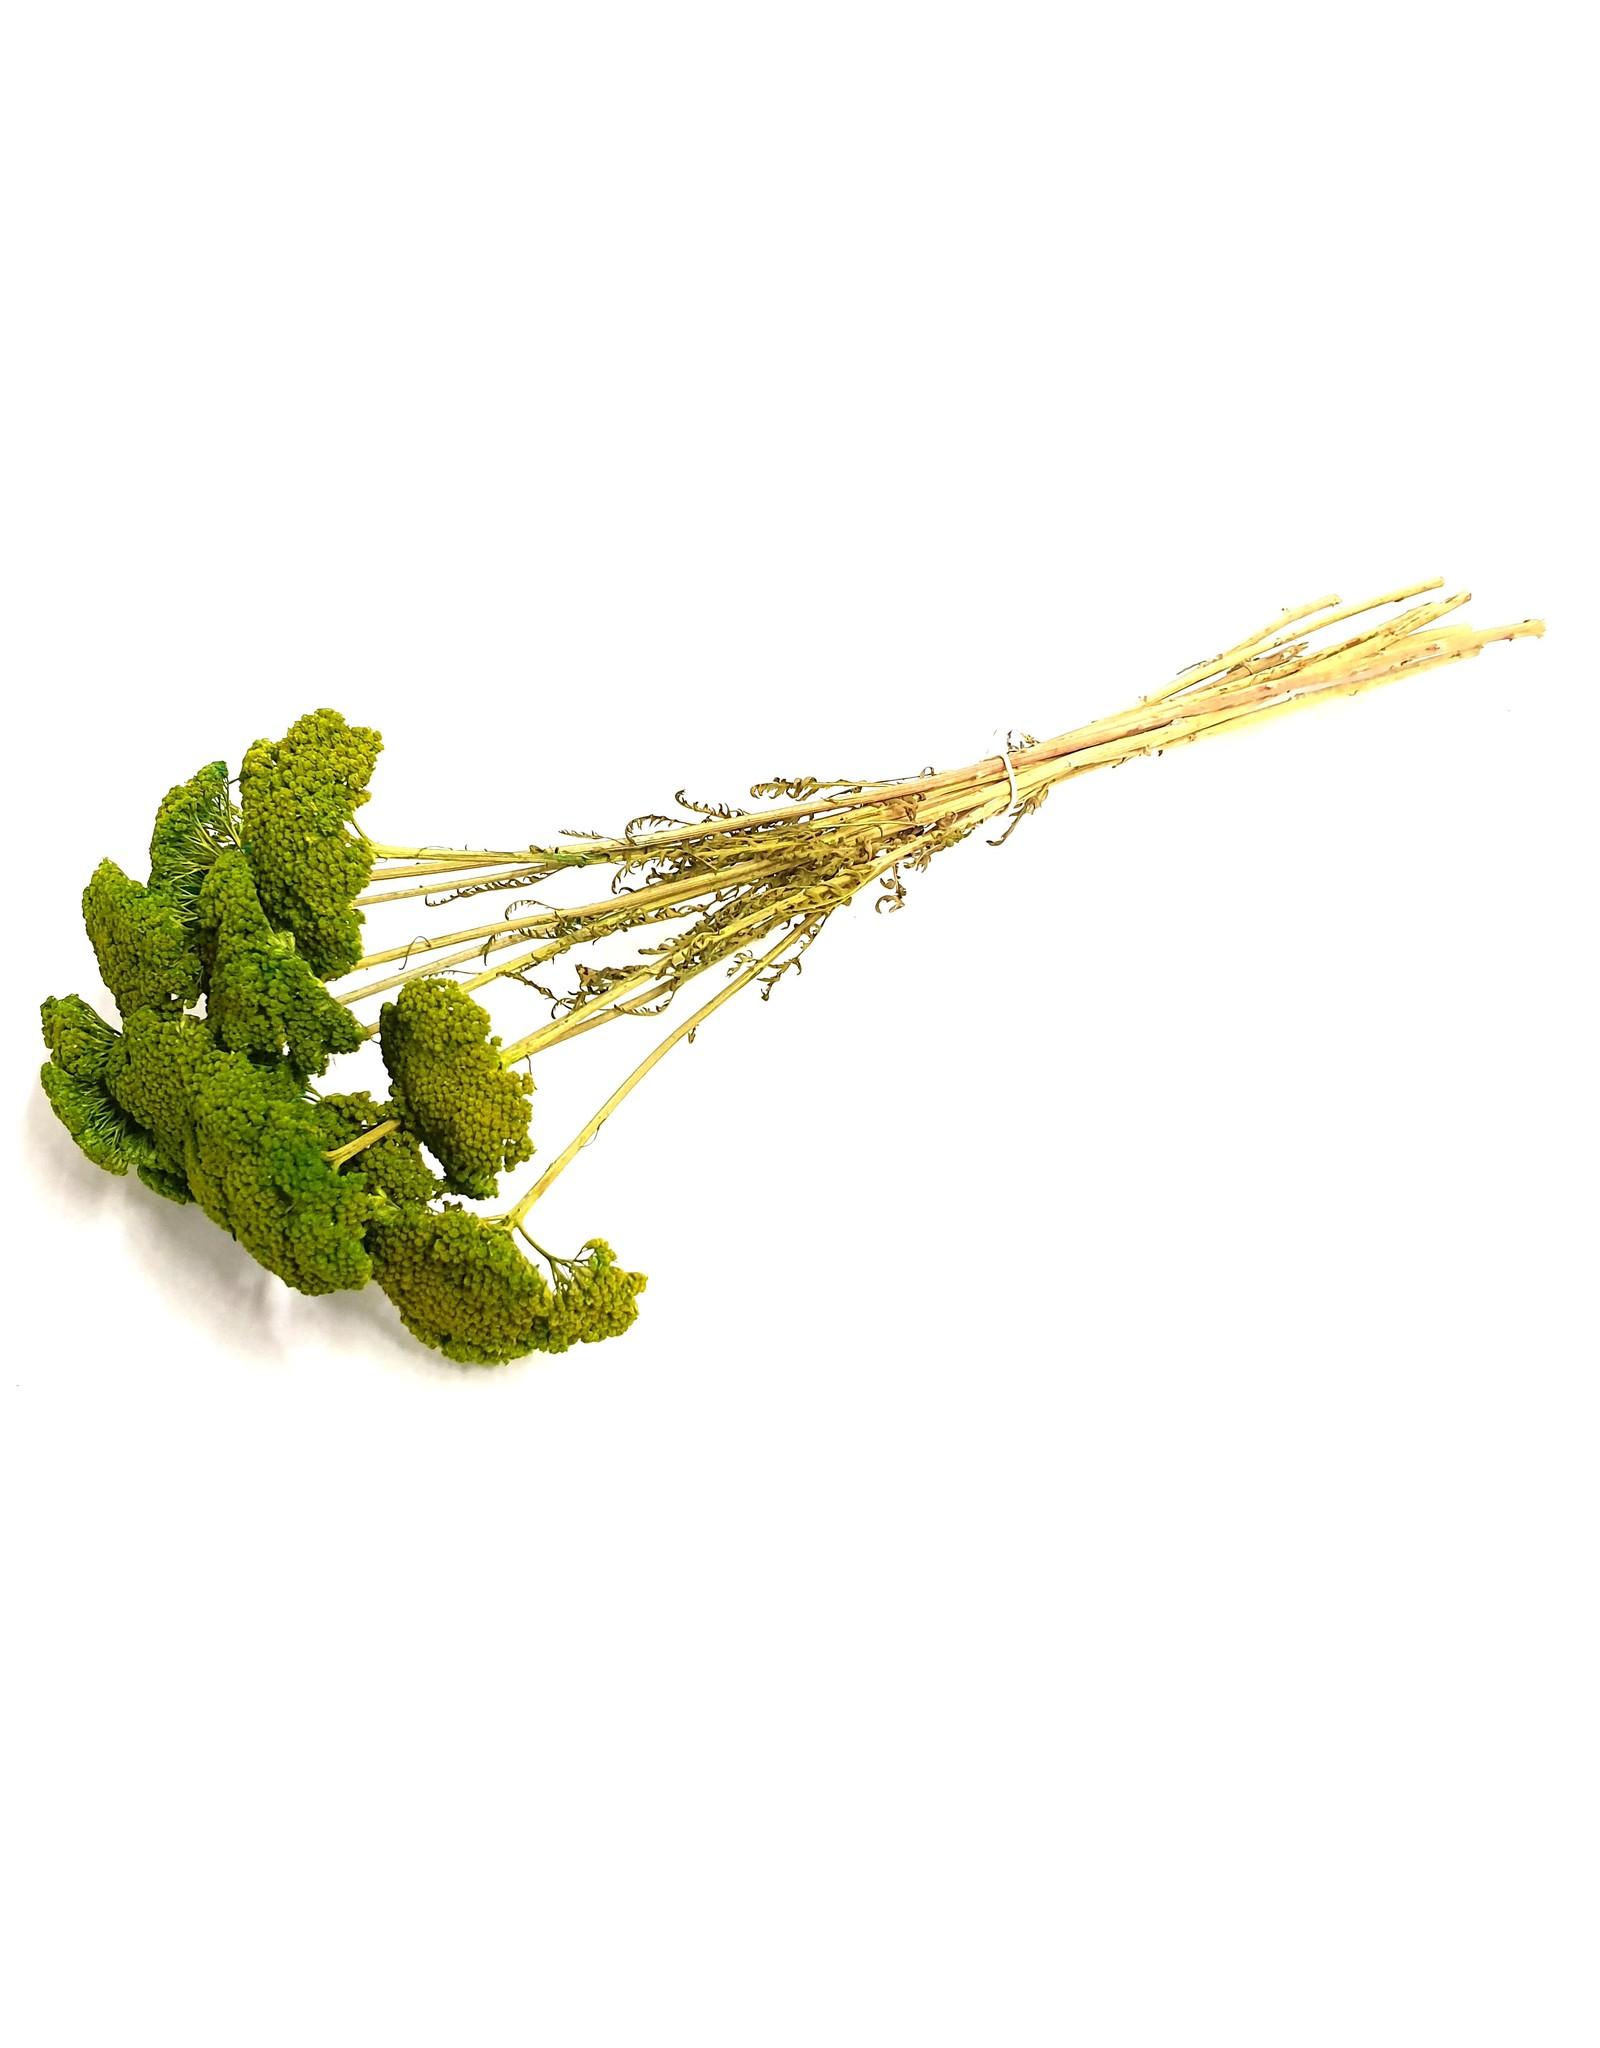 Achillea per stem Light Green x 100